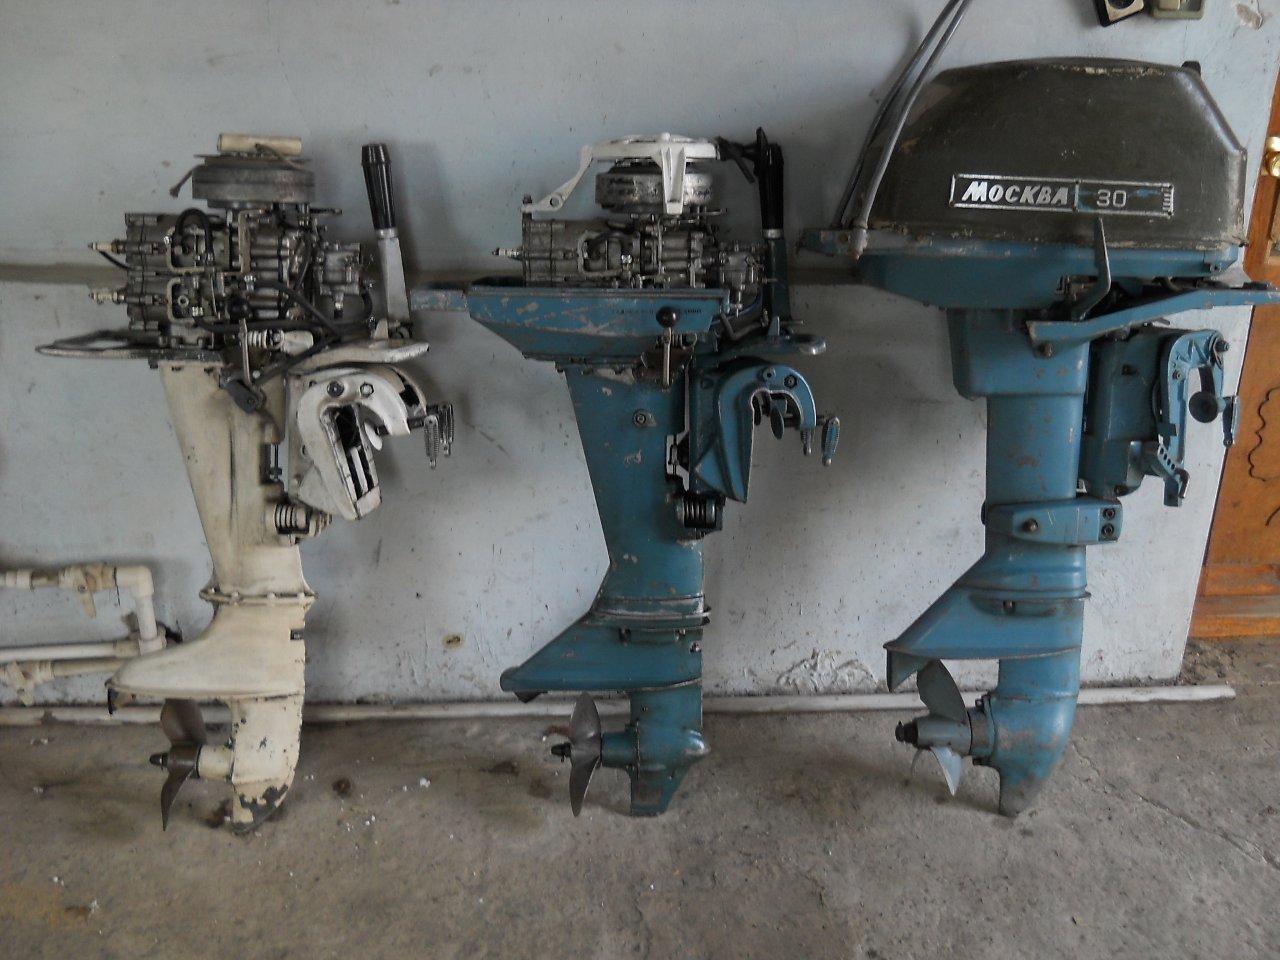 мотор Москва-30